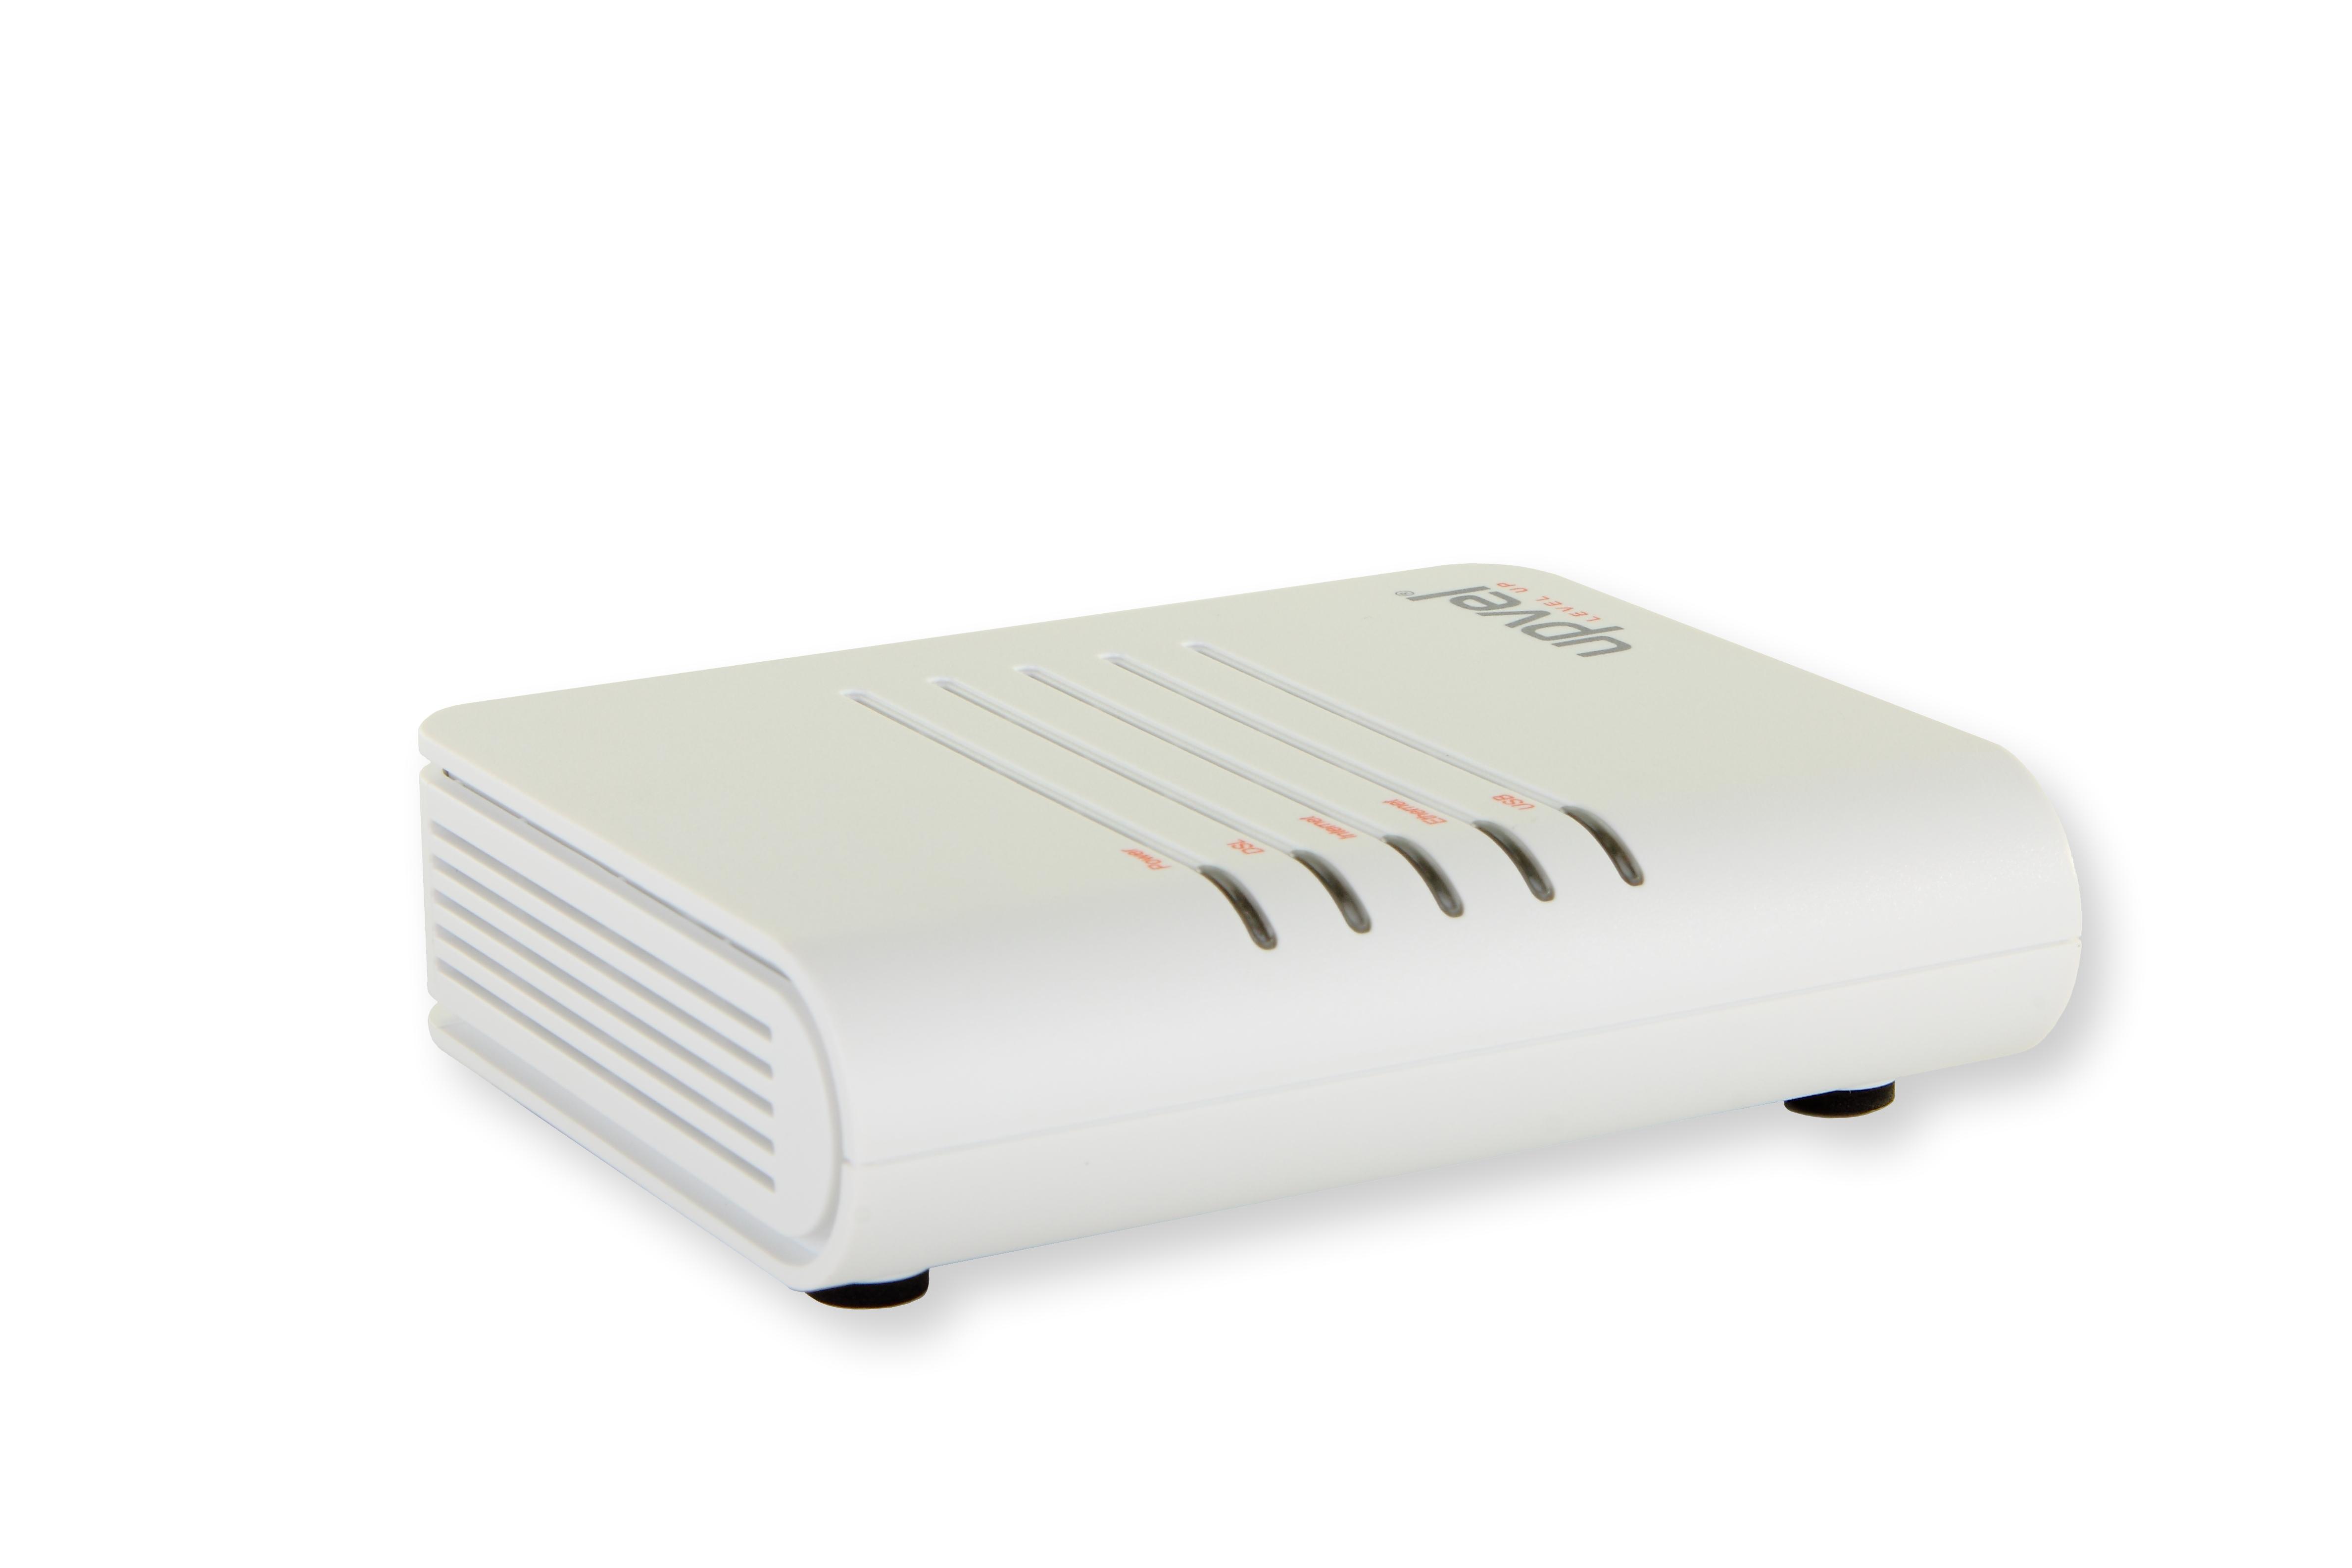 лучшая цена Модем UPVEL UR-101AU ADSL/ADSL2+ роутер с одним портом LAN и портом USB с поддержкой IP-TV